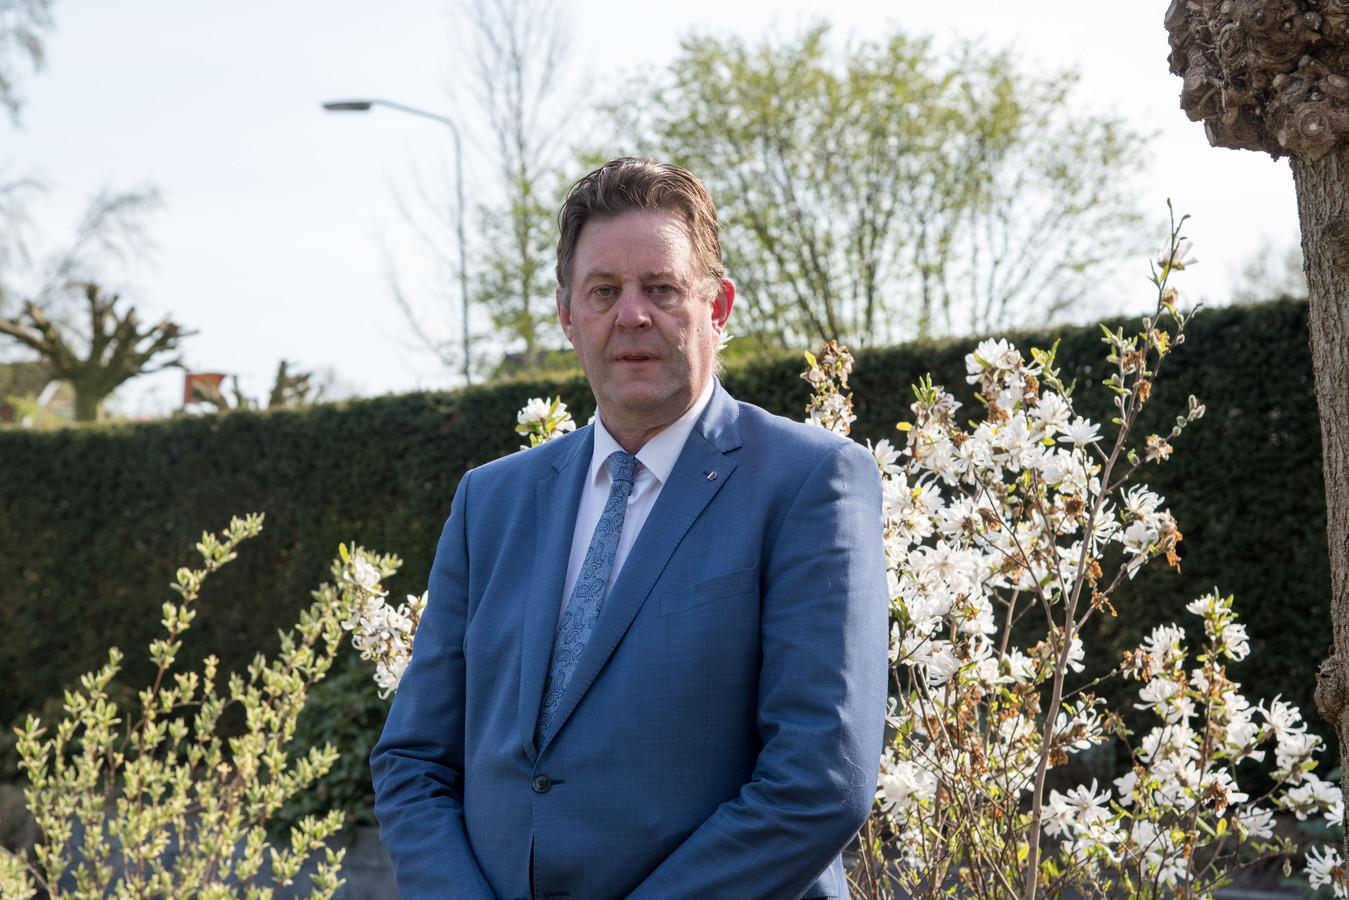 Burgemeester Breunis van de Weerd: 'Het hele trieste feit heeft waarde om gemeld te worden'.